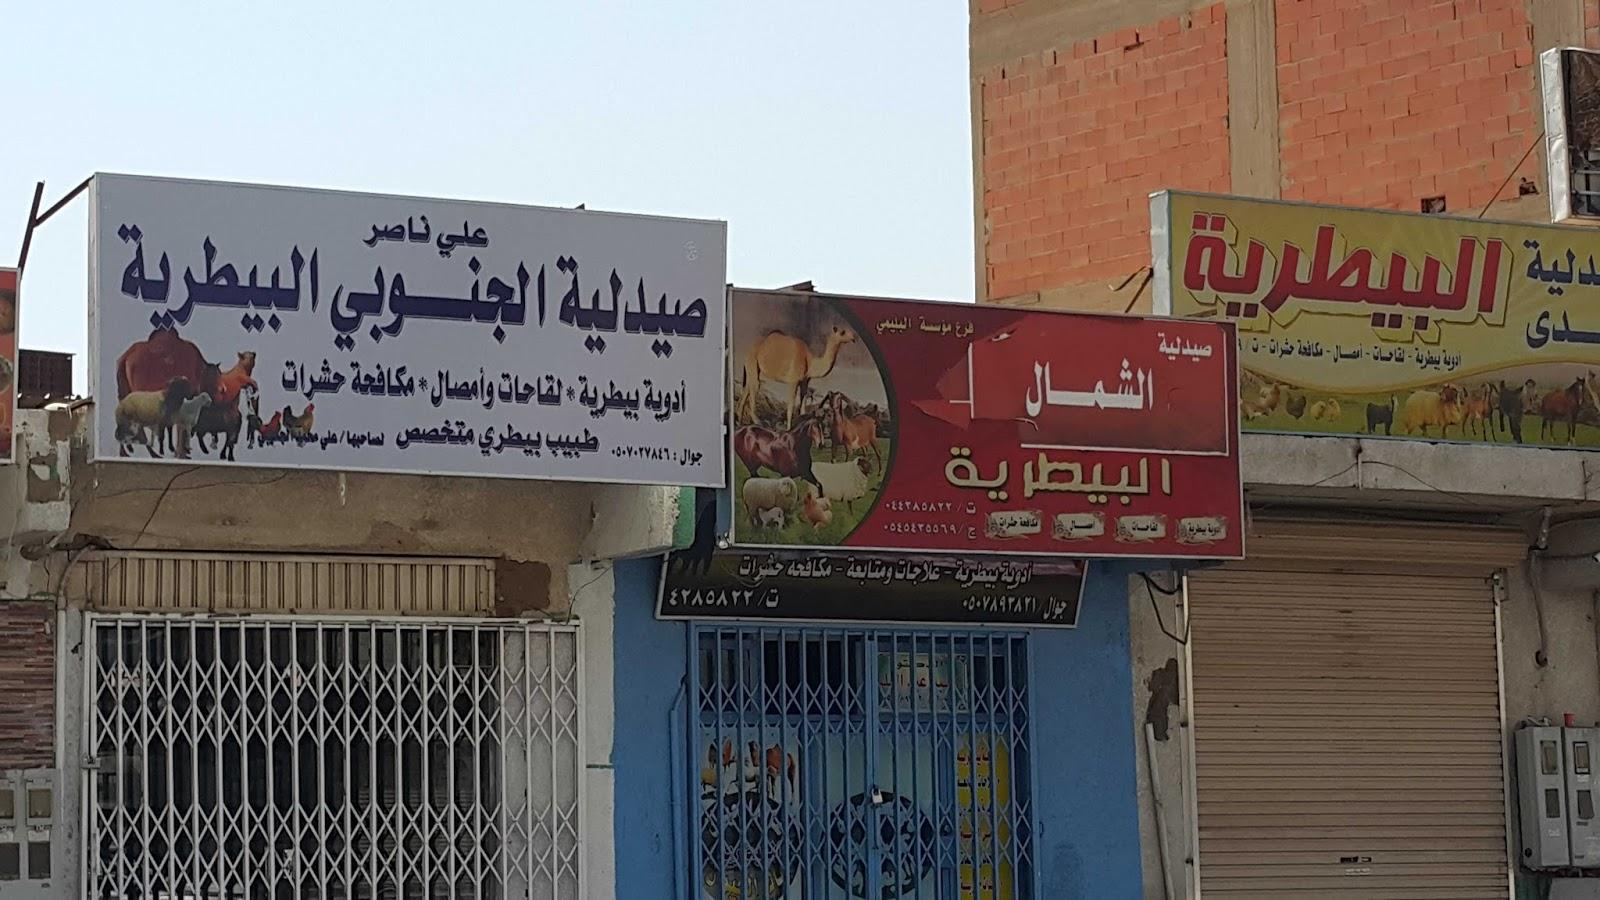 Incontri espatriati in Bahrain